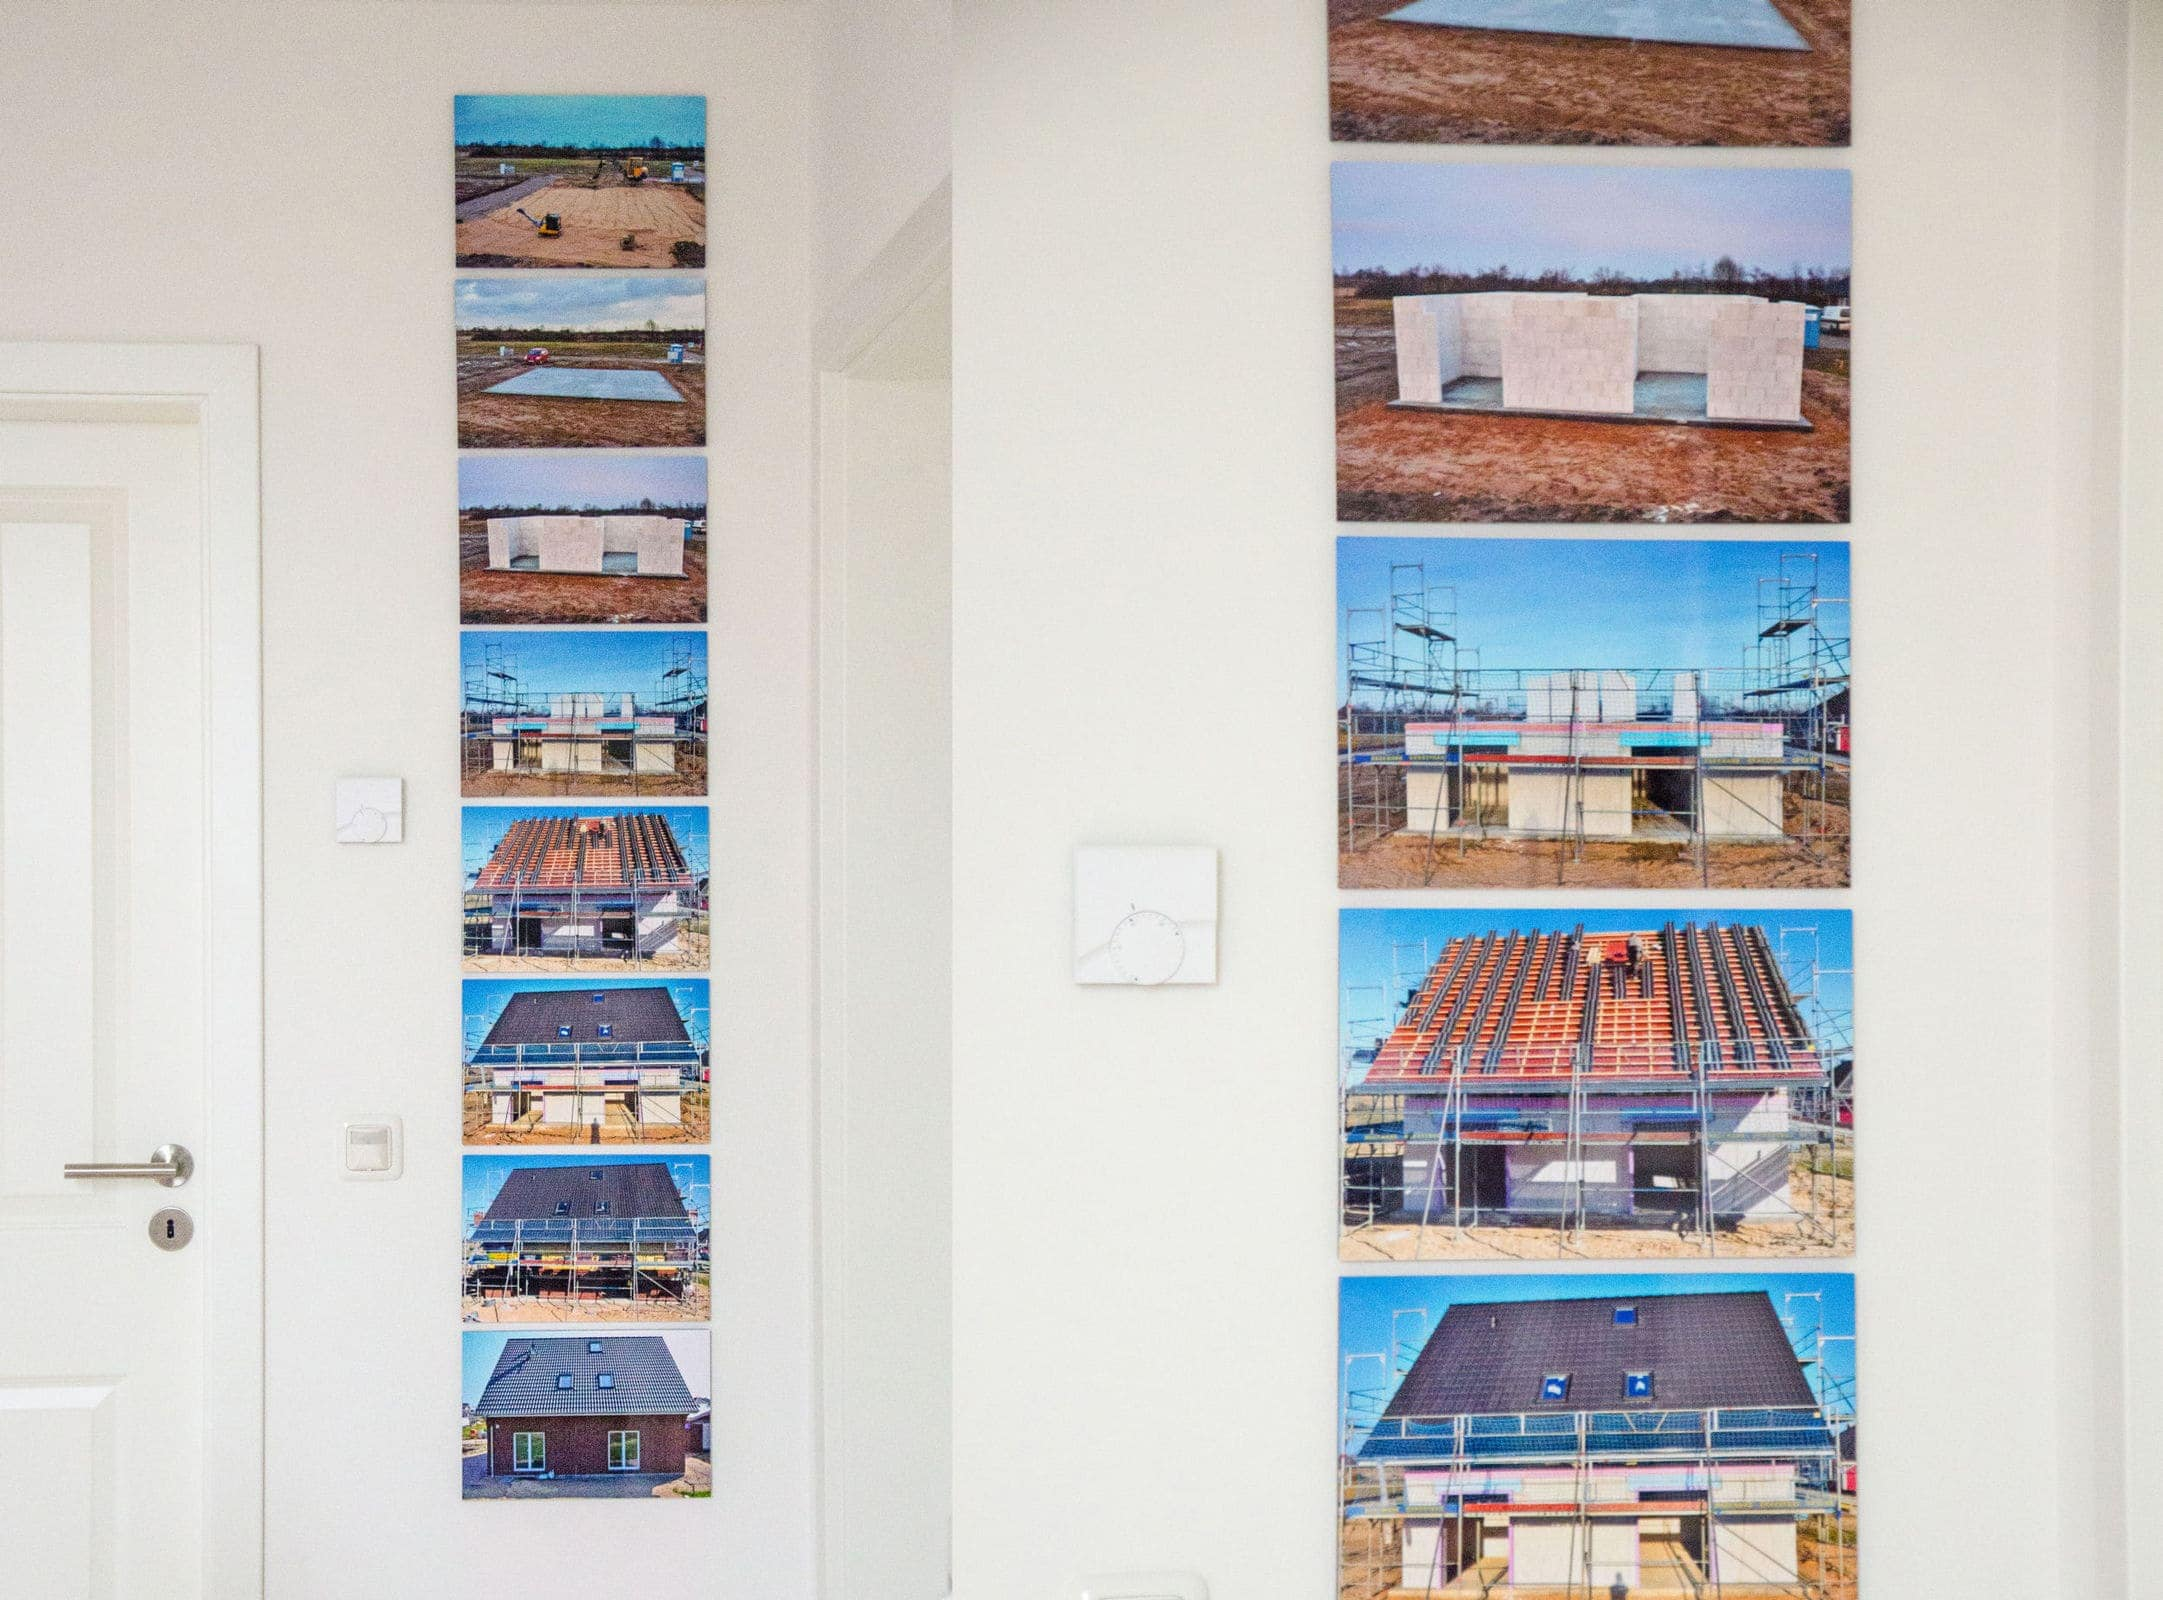 Foto Auf Magnetwand : photolini fotowand verlosung interior baby kind und meer ~ Sanjose-hotels-ca.com Haus und Dekorationen